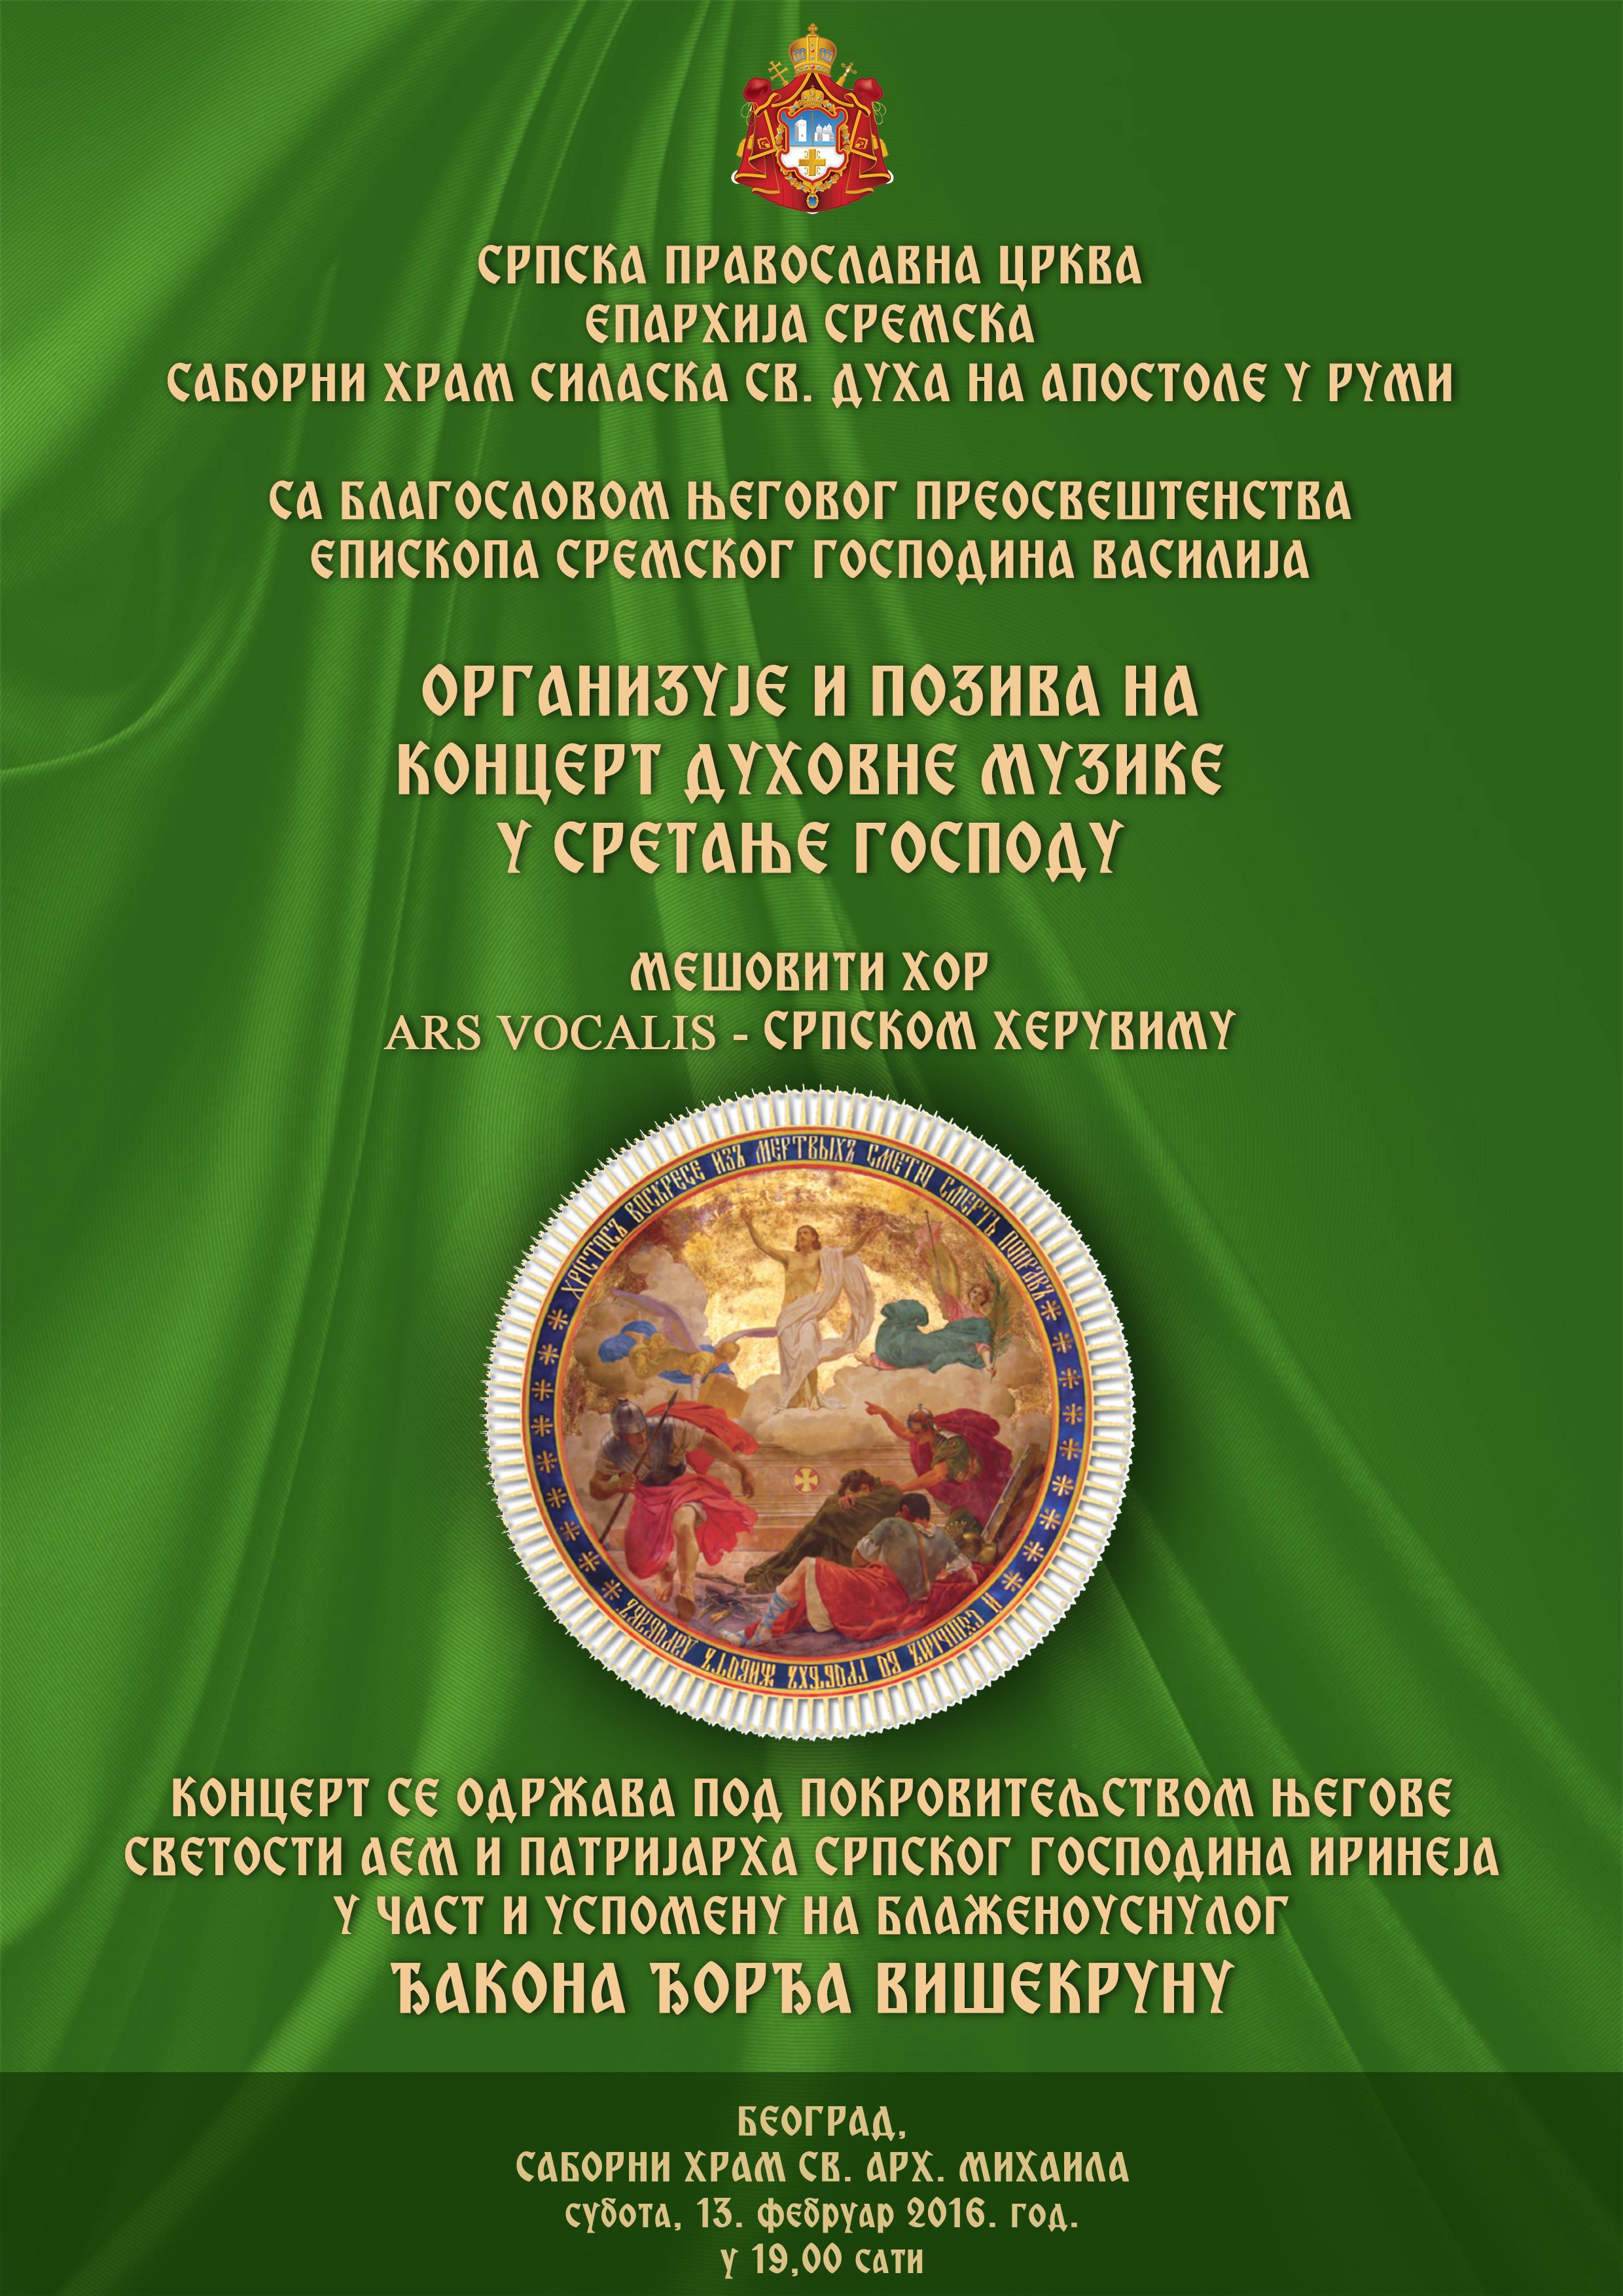 Најава: Концерт духовне музике у београдском Саборном храму Светог Архангела Михаила